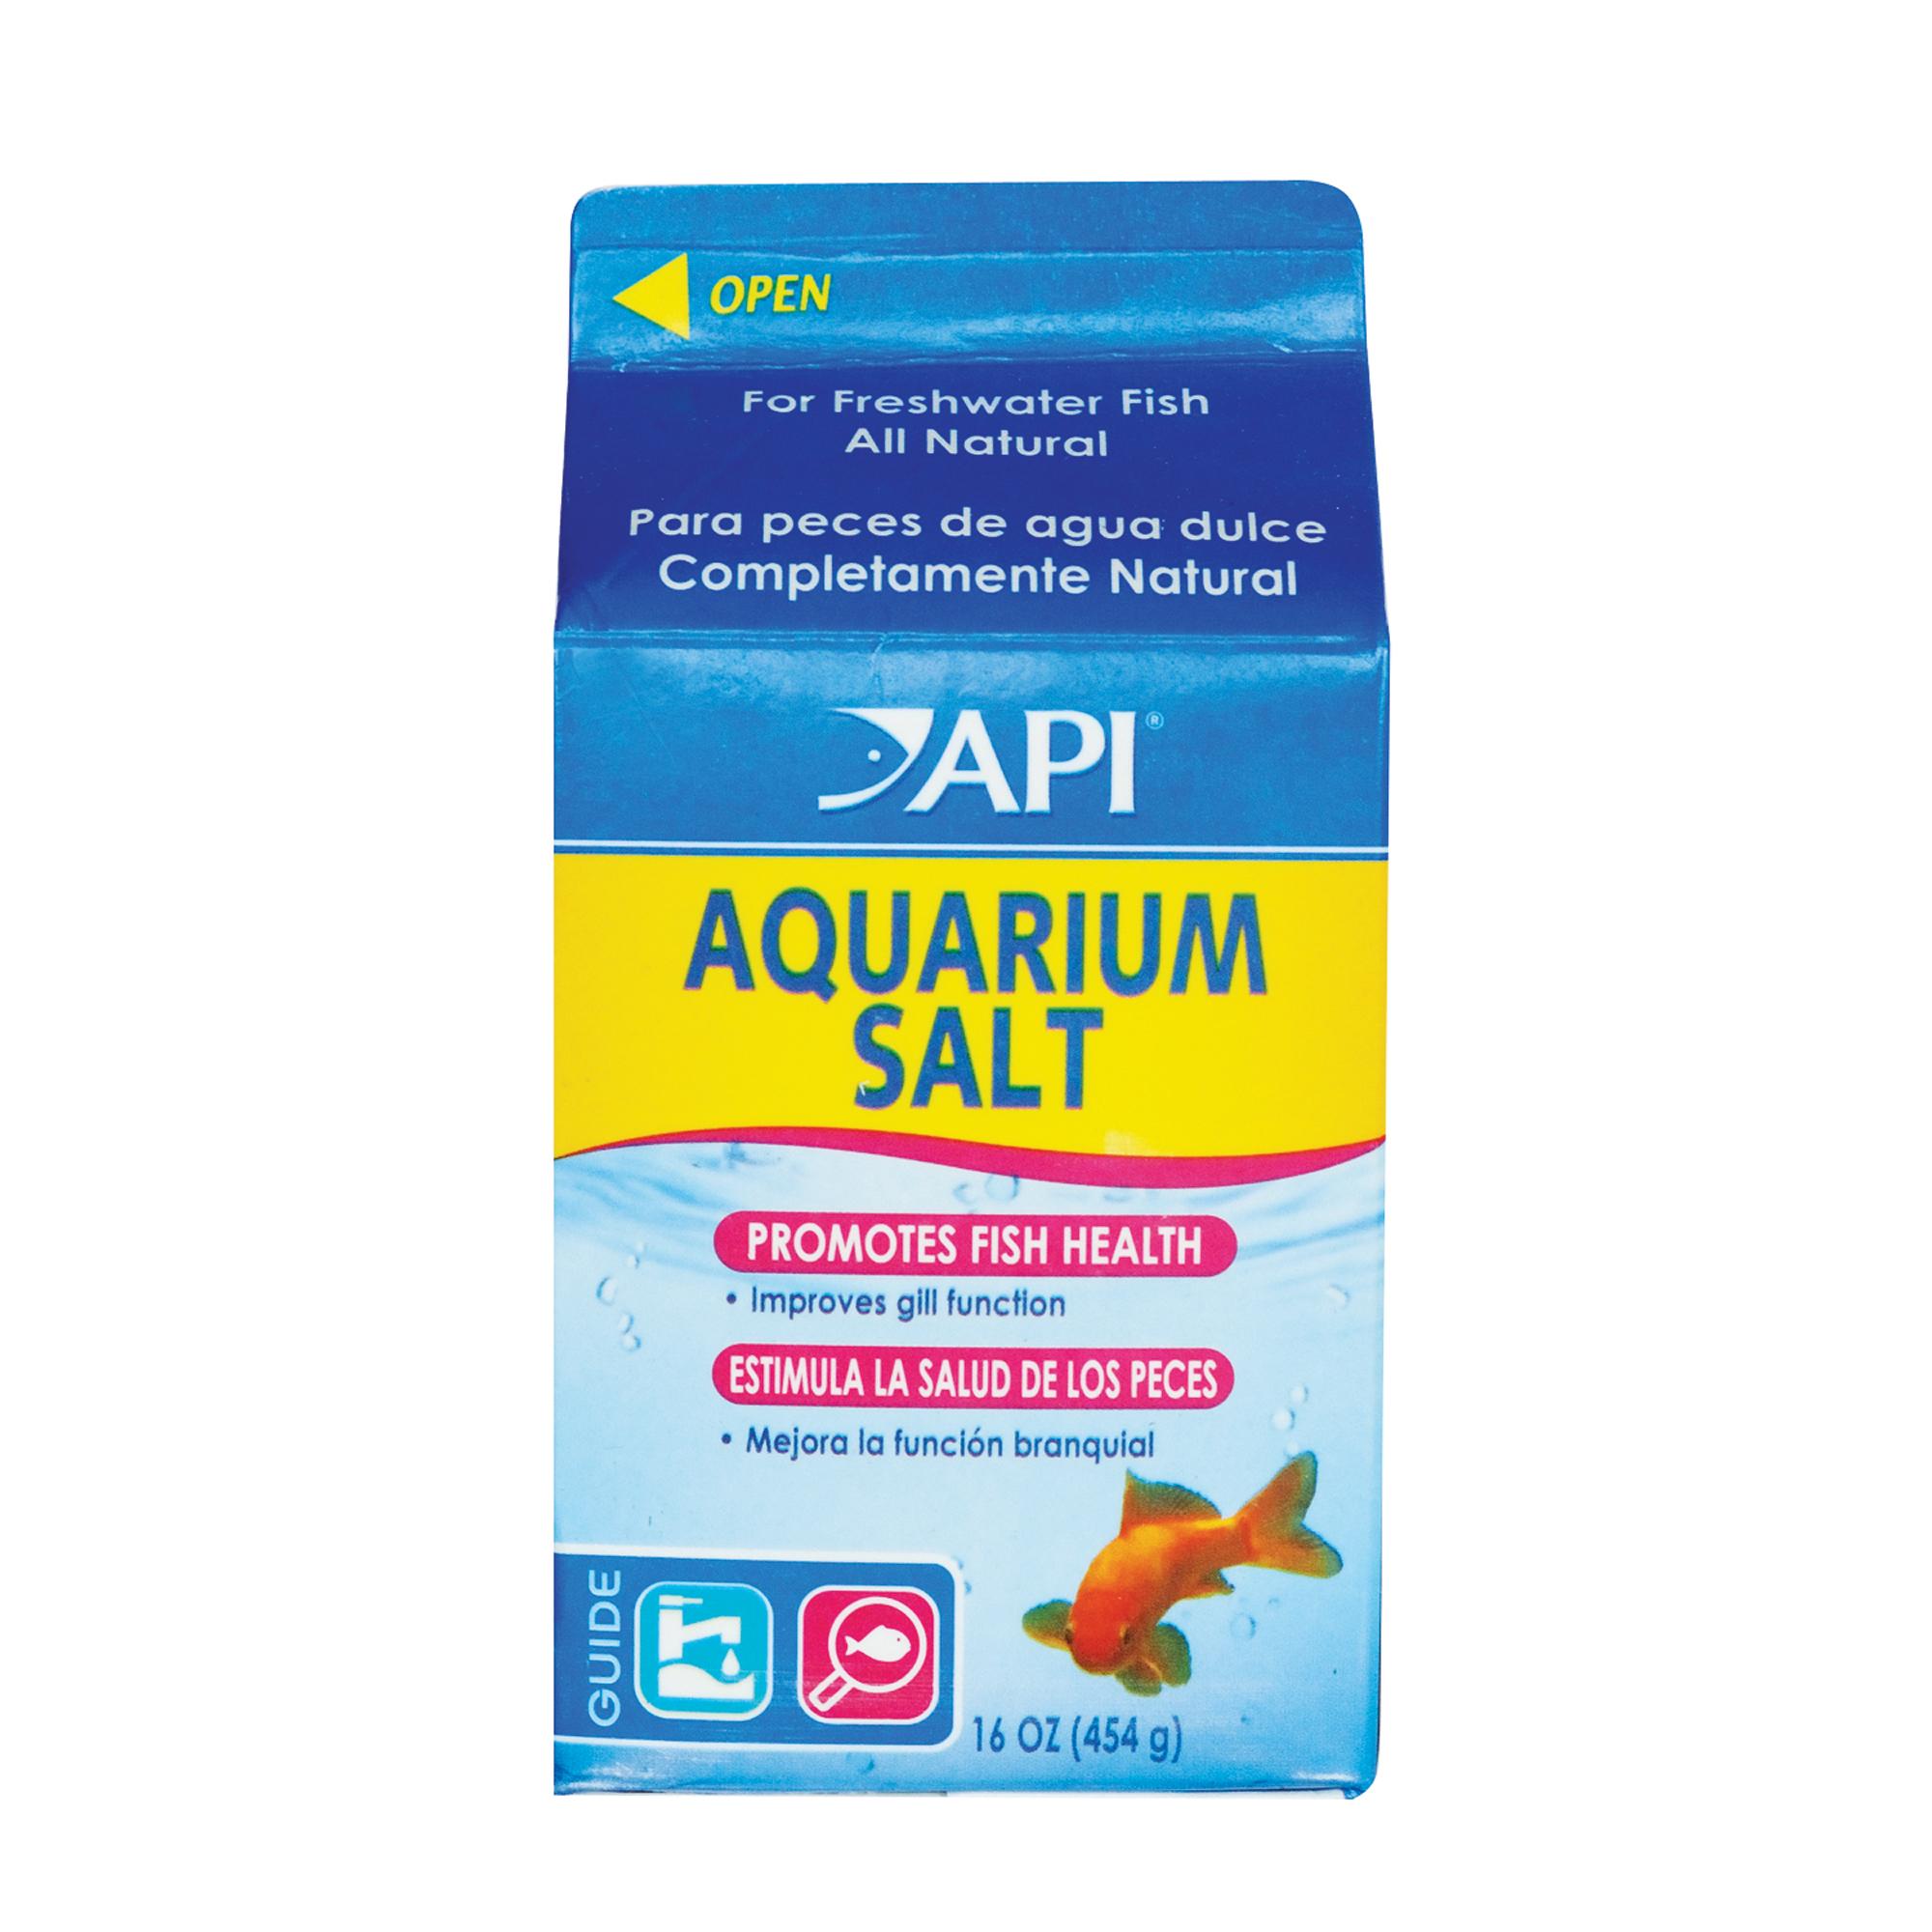 API AQUARIUM SALT Freshwater Aquarium Salt